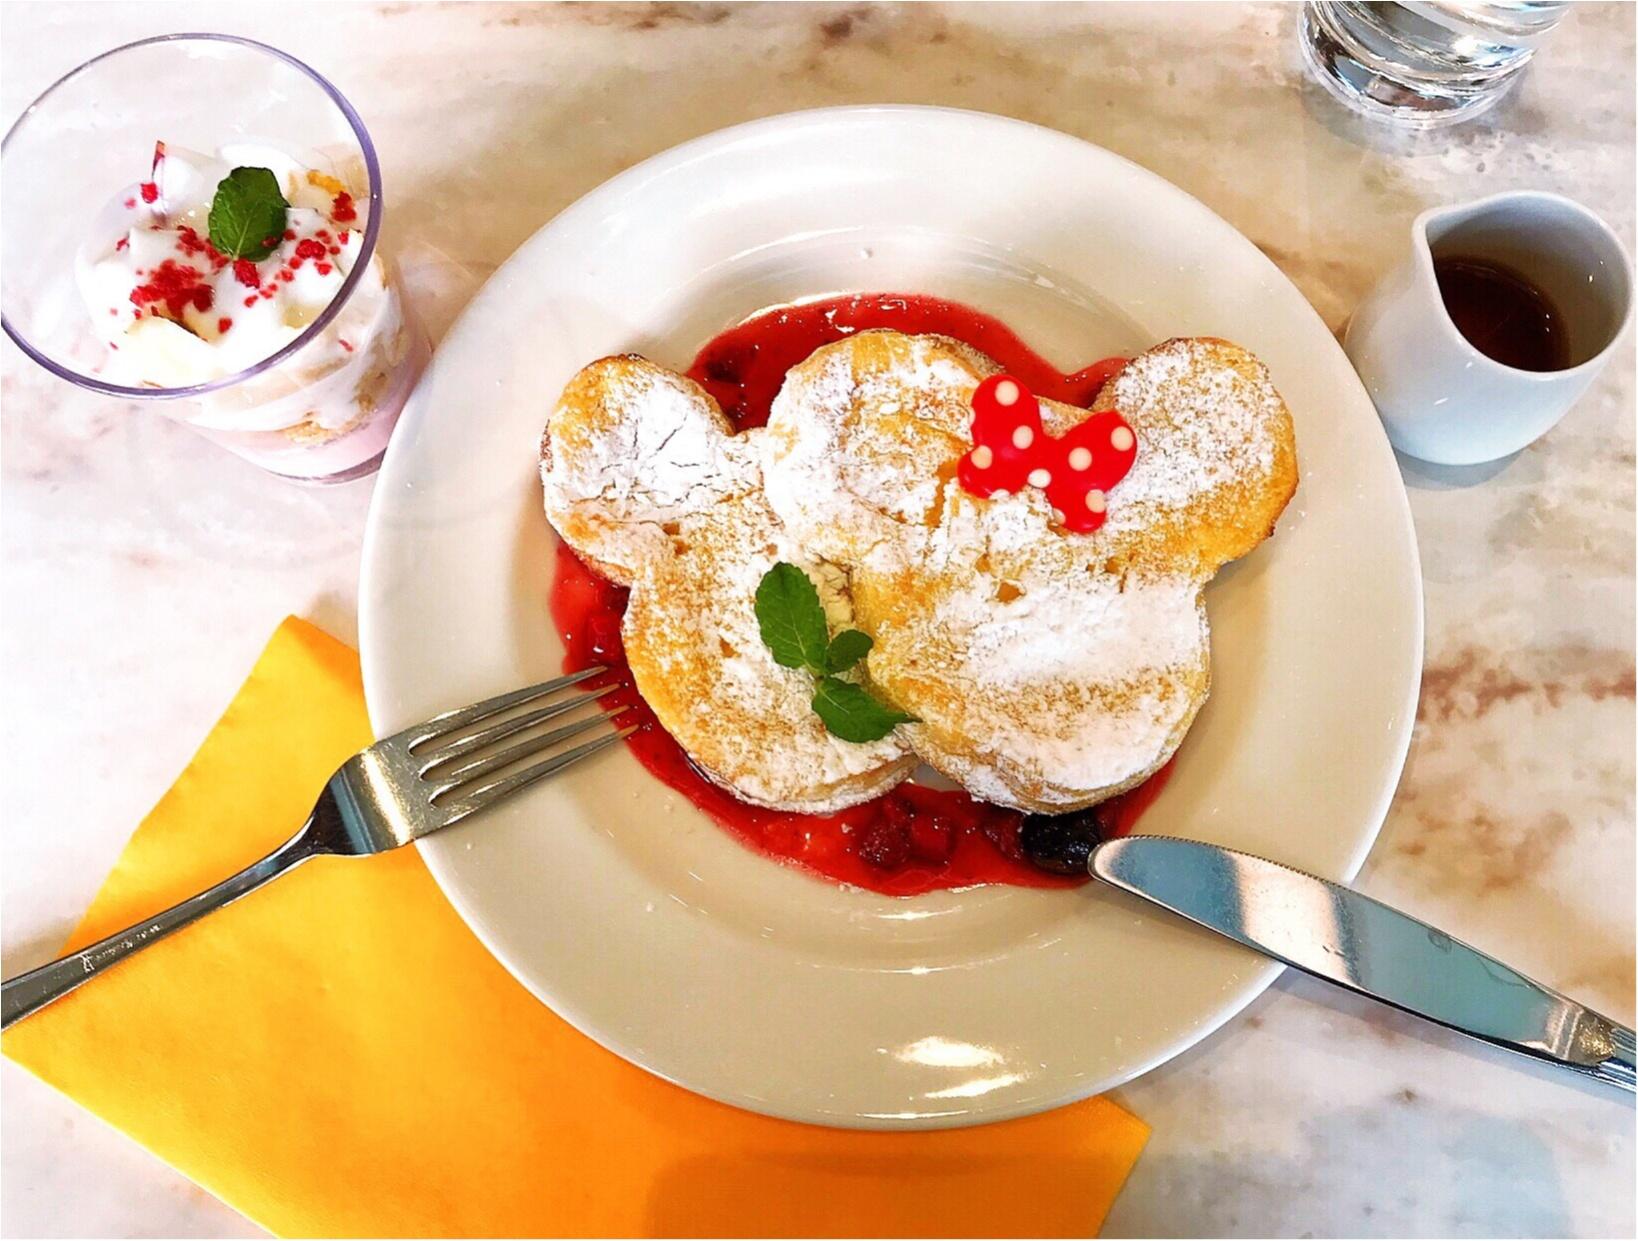 【朝ディズニーでしか出会えない】ミッキーミニーの可愛いフレンチトーストが食べられる場所があるんです♡♡_2